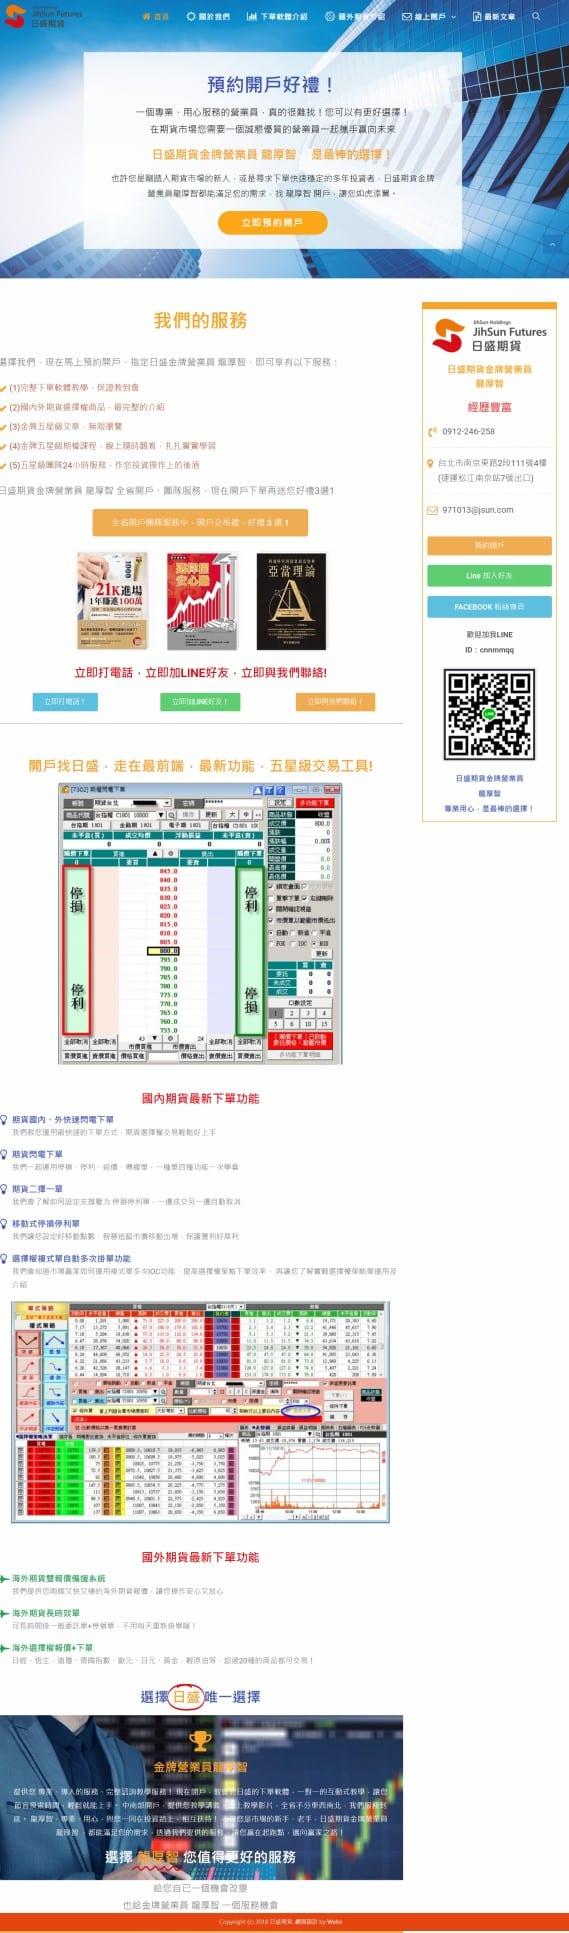 網頁設計-日盛期貨